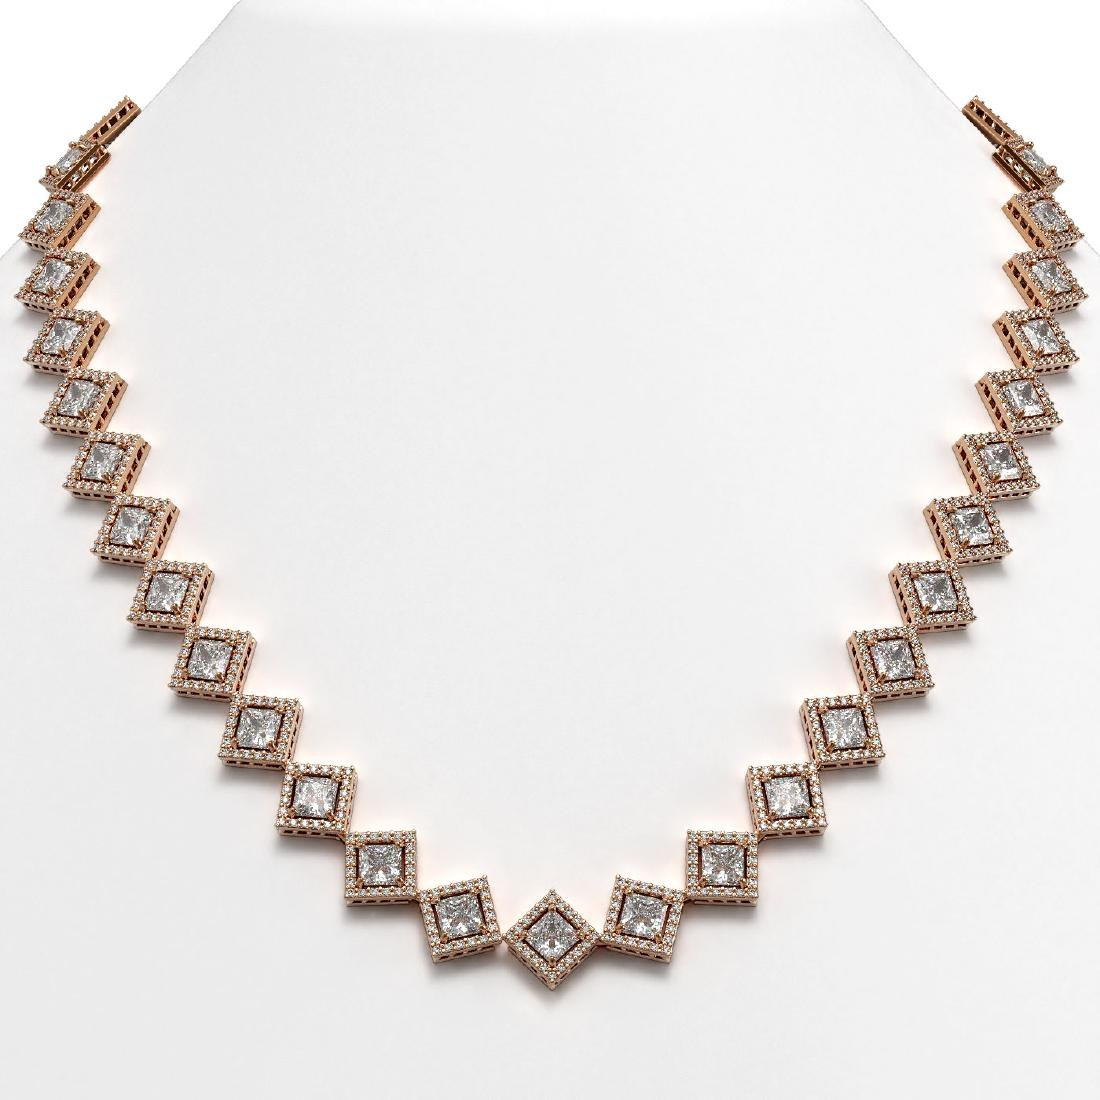 26.88 CTW Princess Cut Diamond Designer Necklace 18K